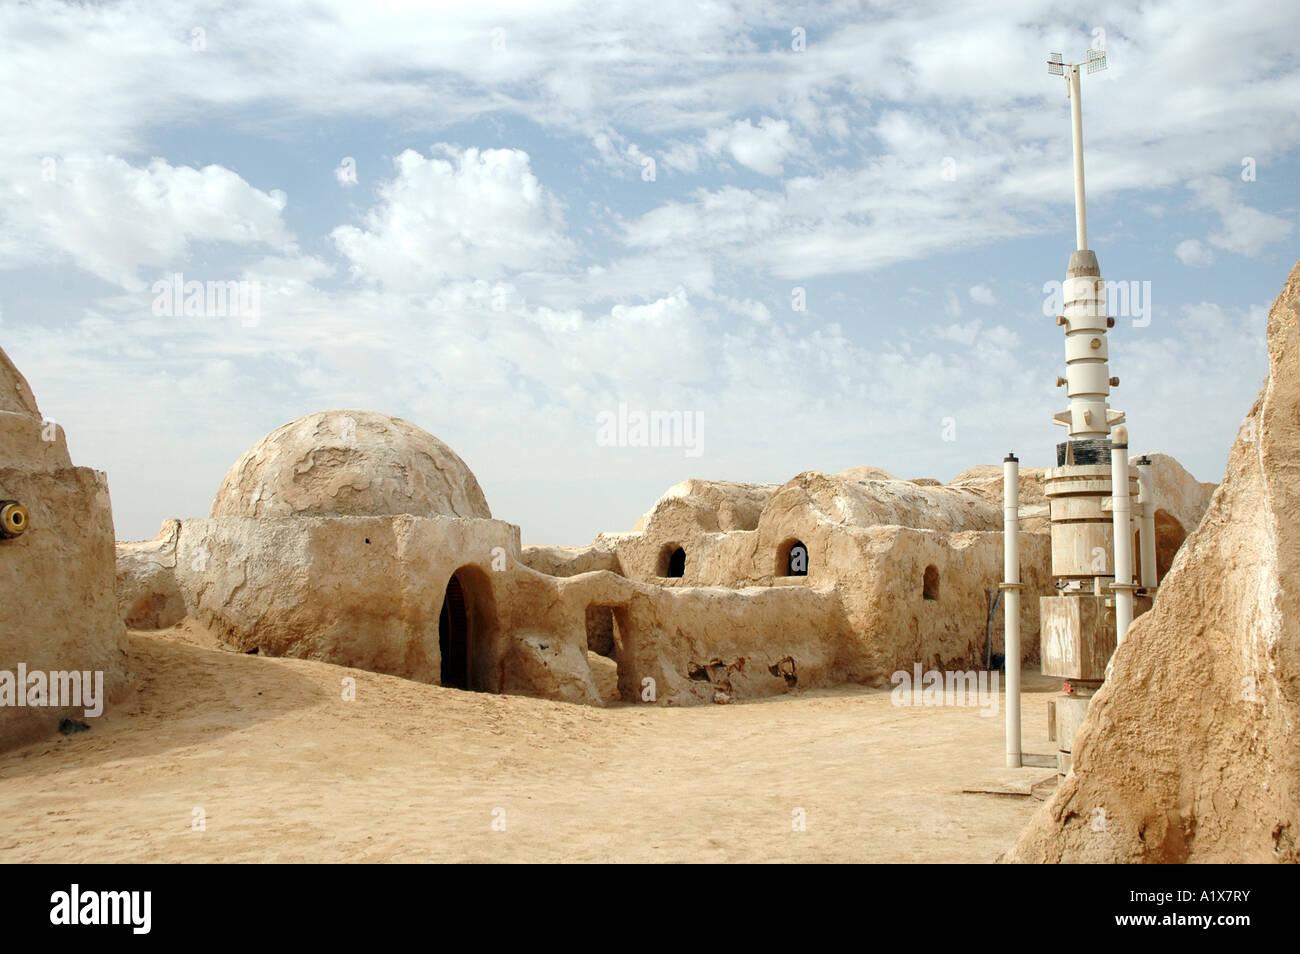 Resti di George Lucas Star Wars movie set sul deserto del Sahara in Tunisia Immagini Stock